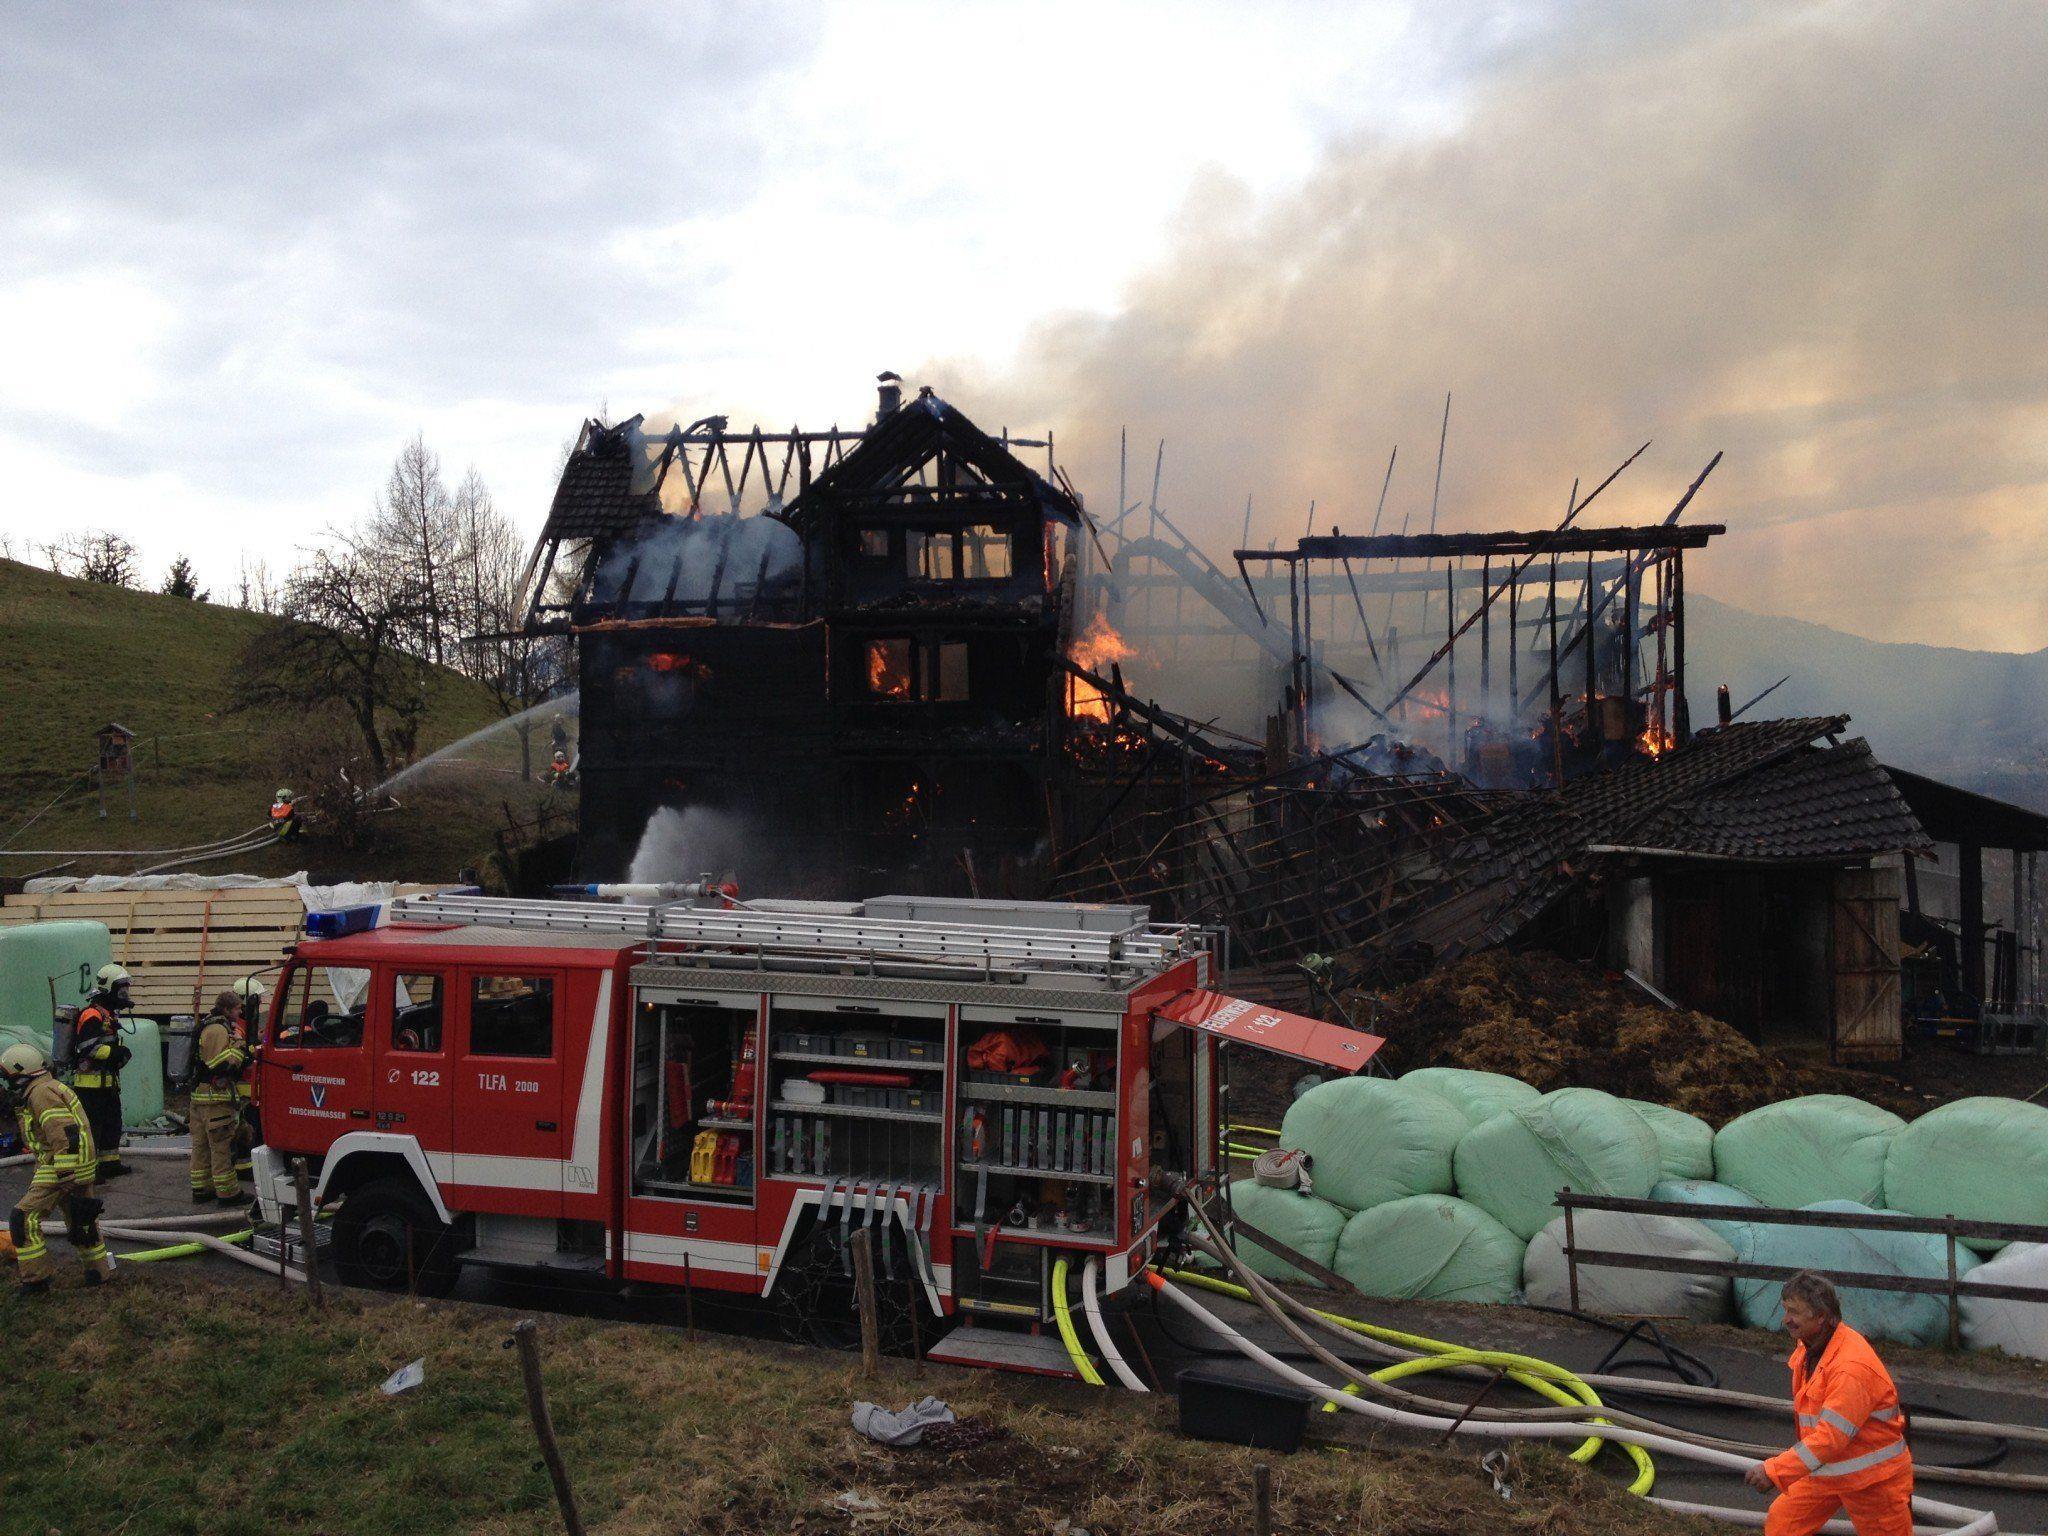 Der Bauernhof in Batschuns brannte bis auf die Grundmauern nieder.